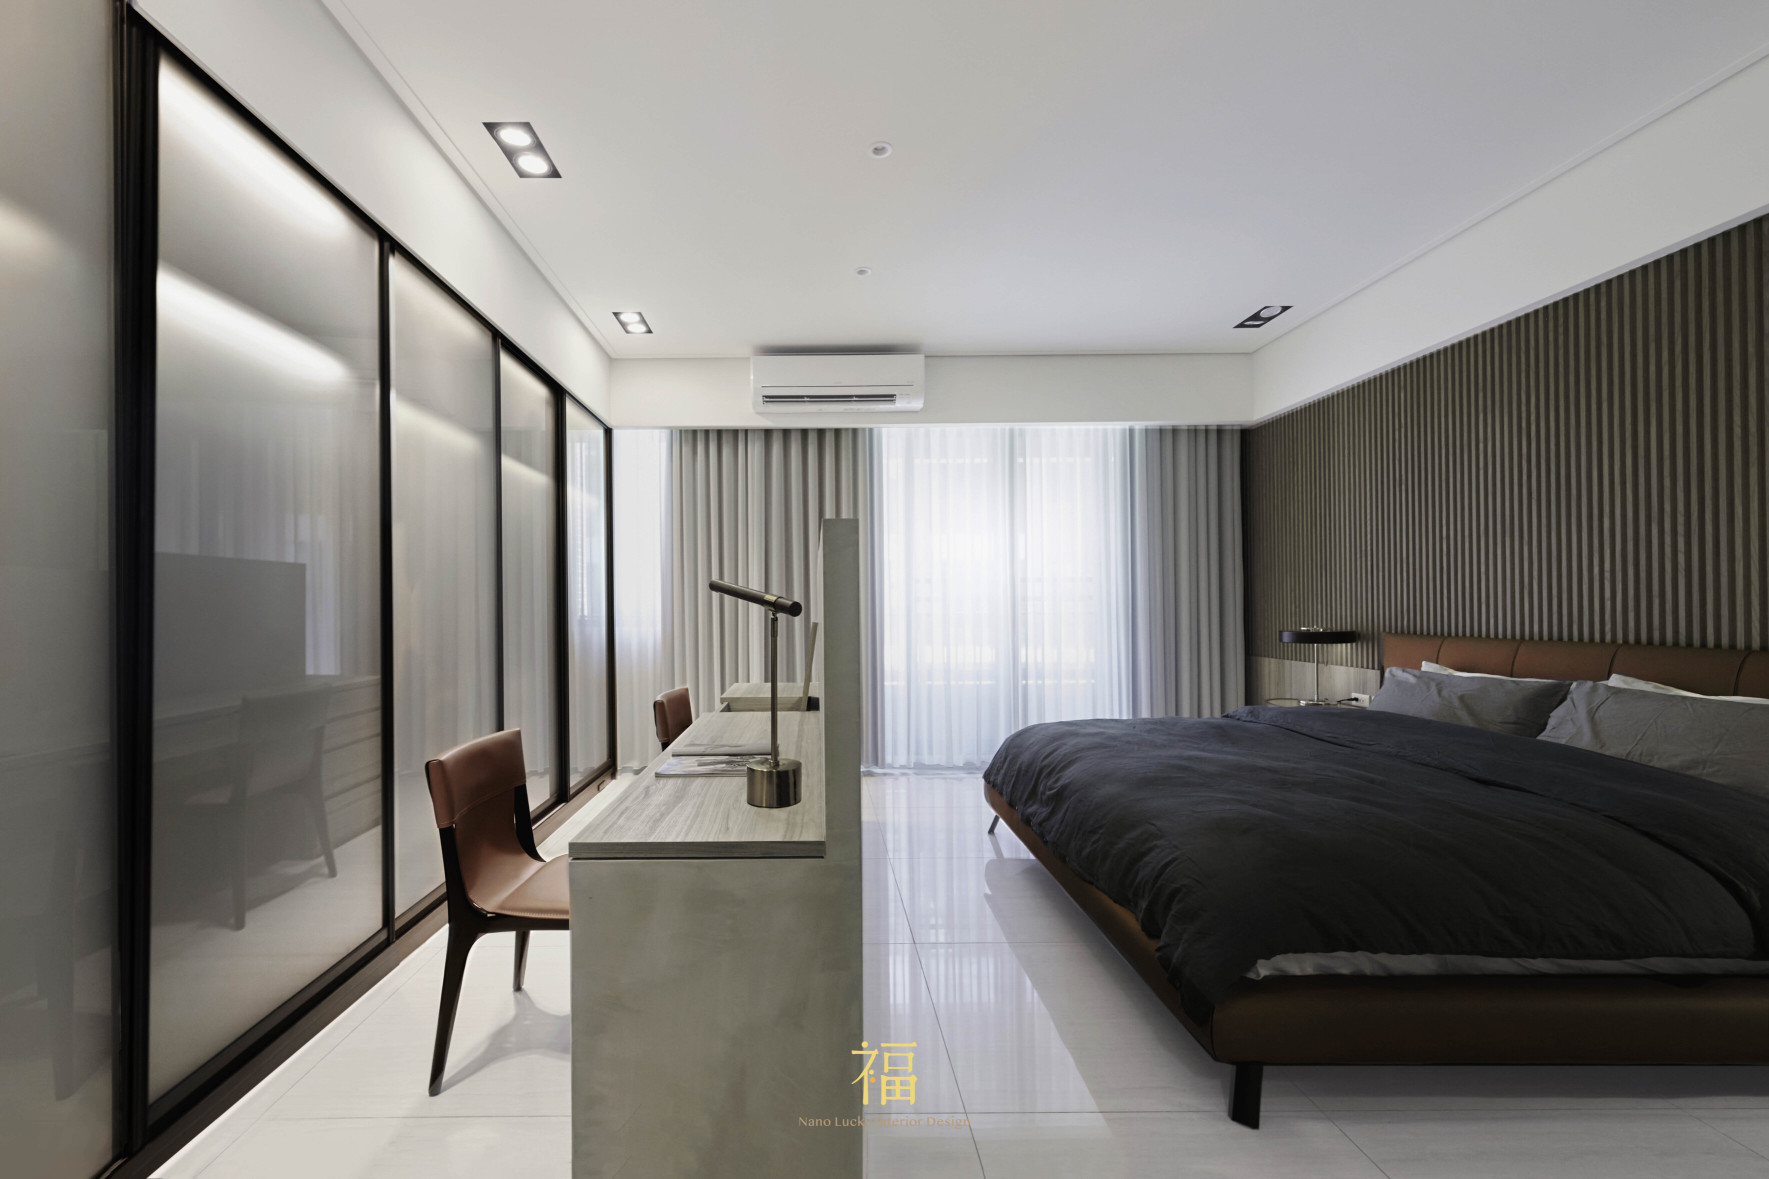 福宅雅居|主臥室空間規劃|嘉義住宅空間設計